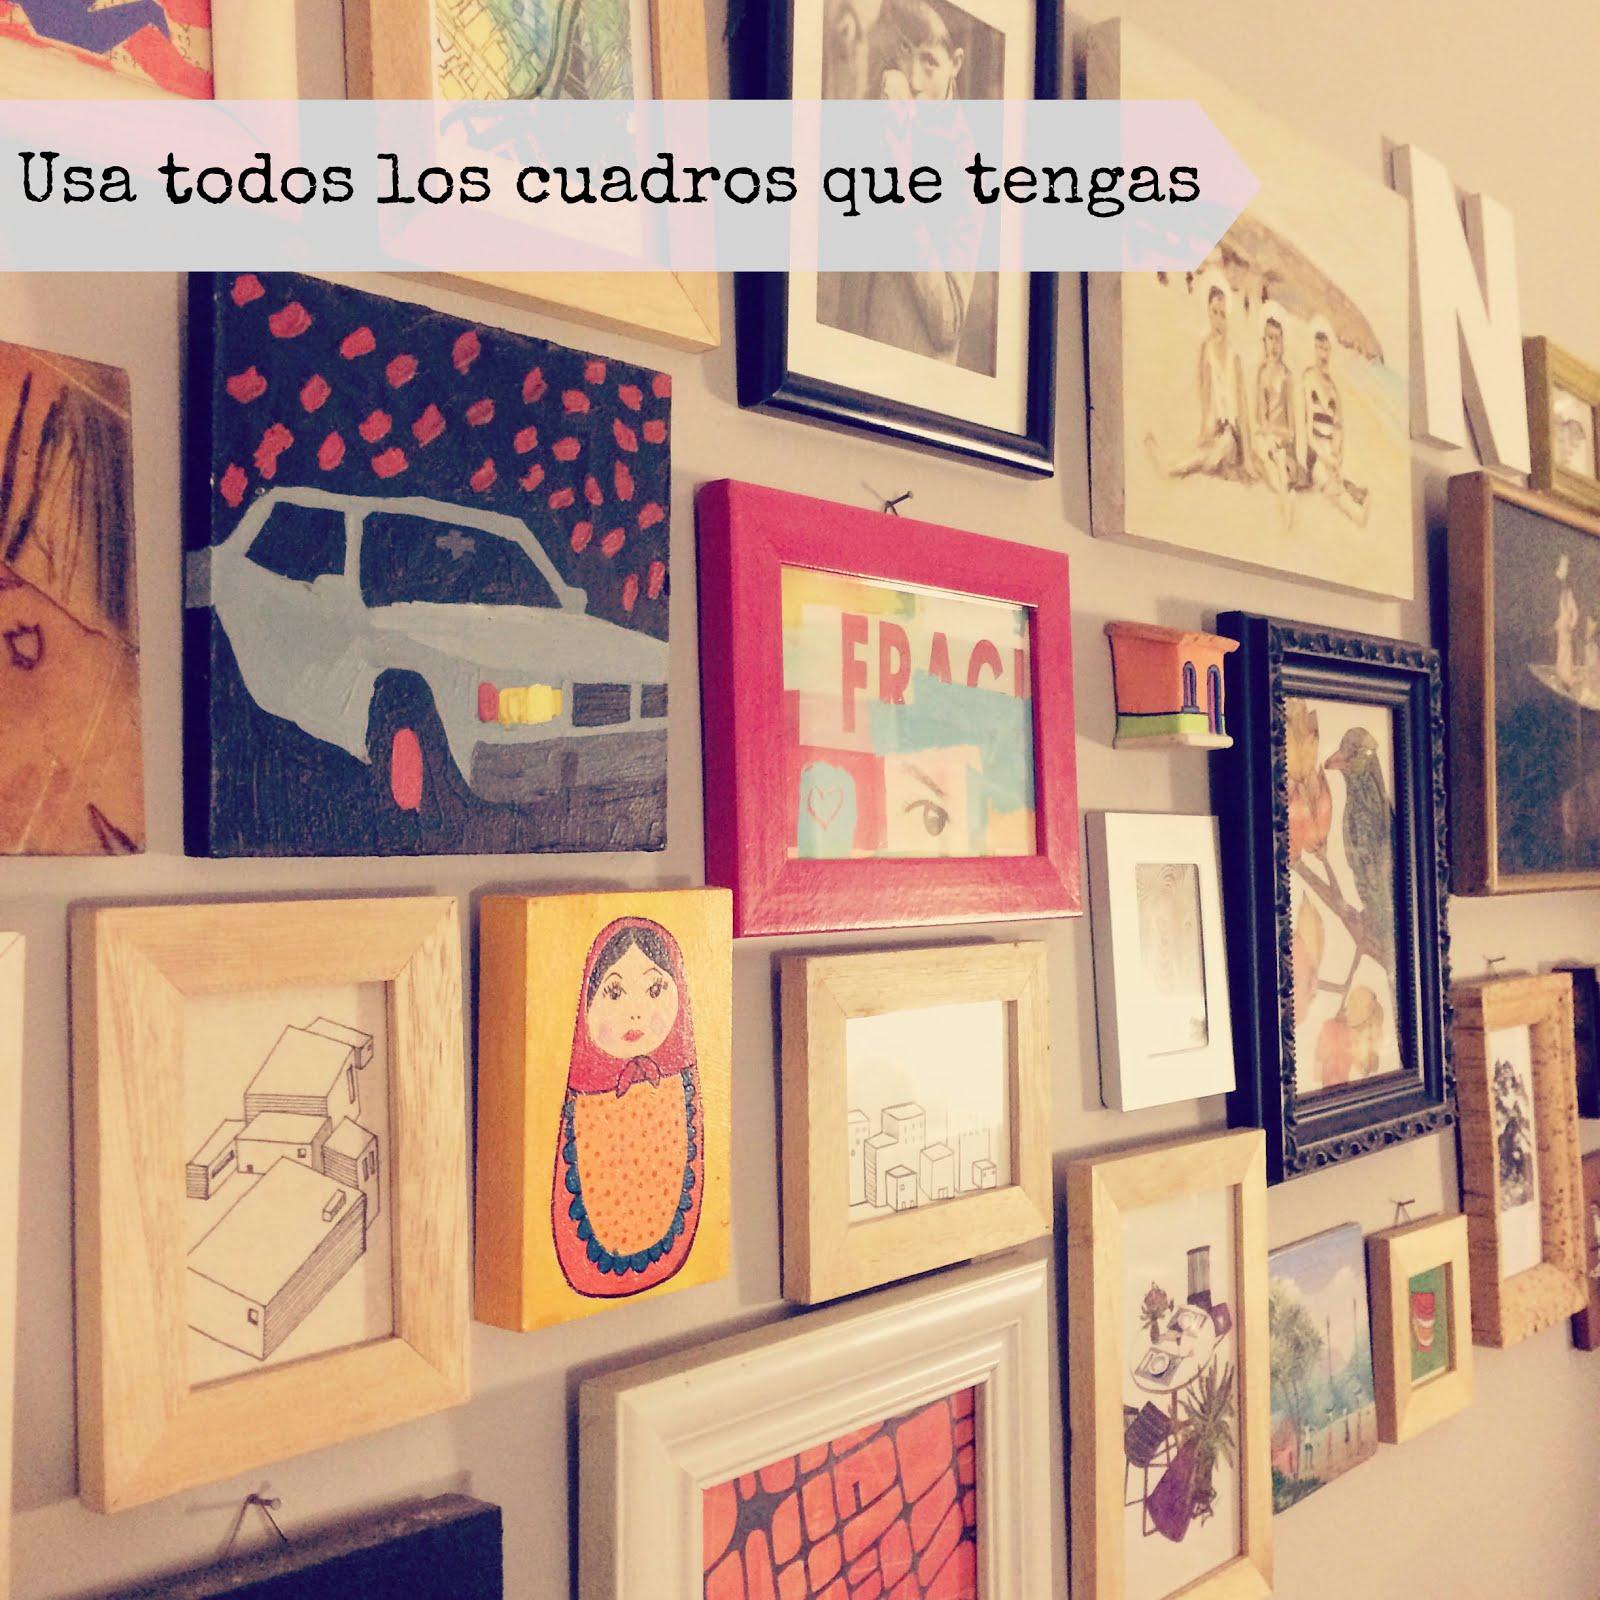 Convierte tu casa en una galería de arte - HOLA LUPi